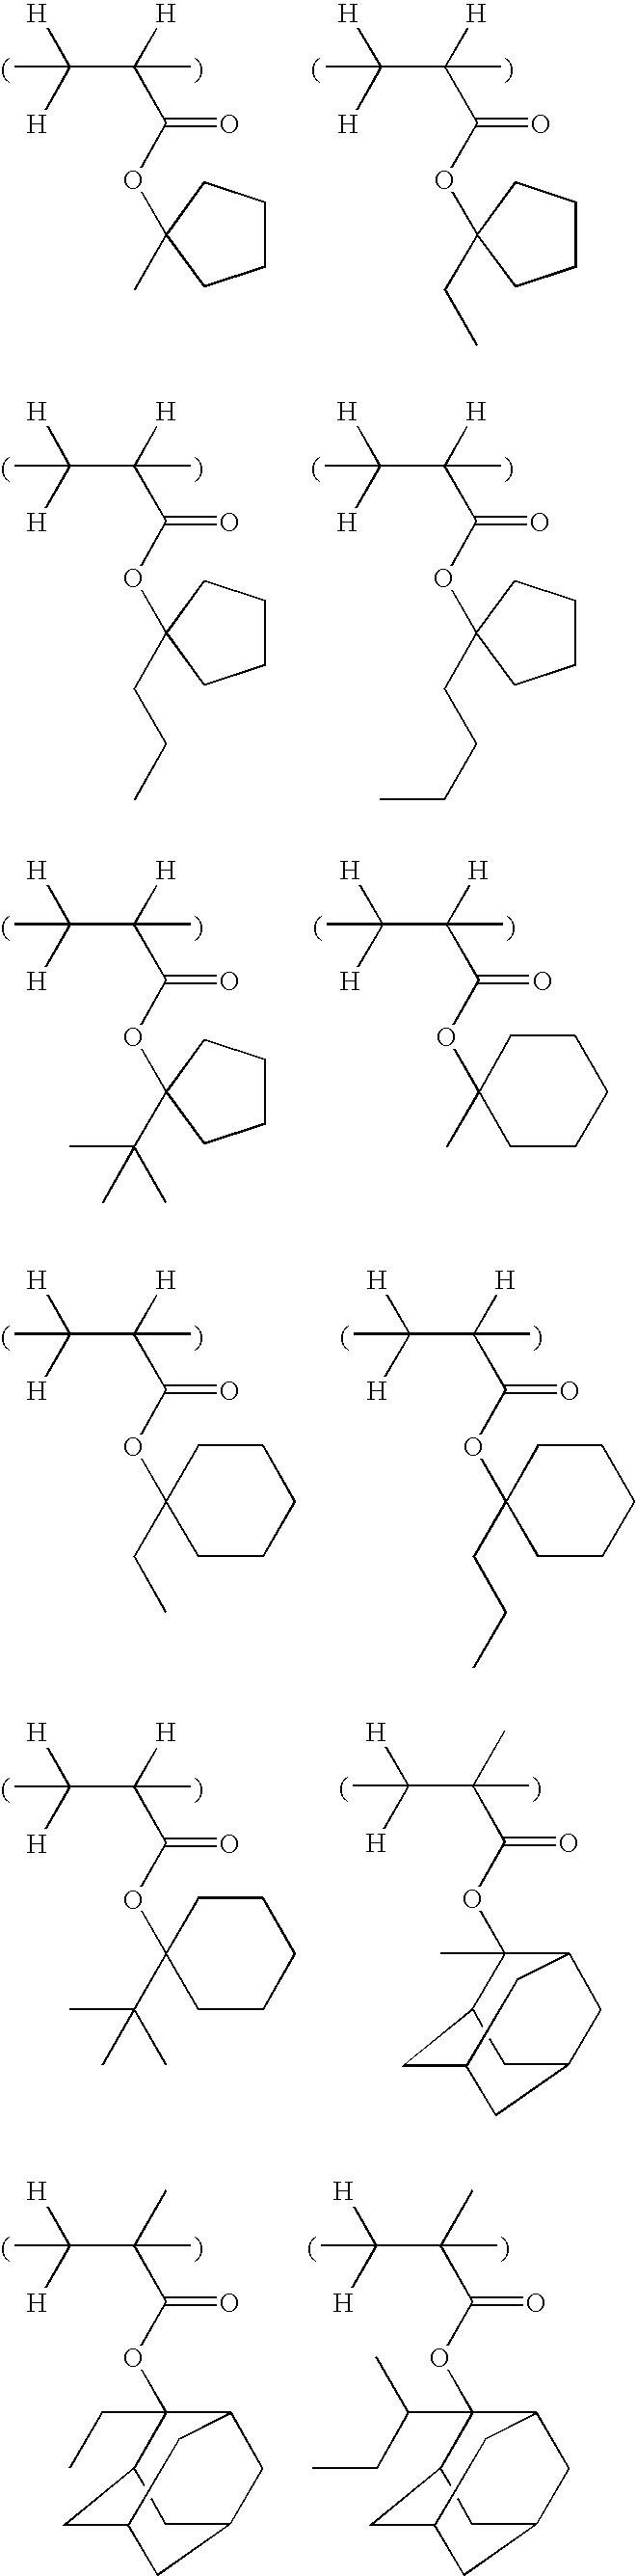 Figure US20090011365A1-20090108-C00062